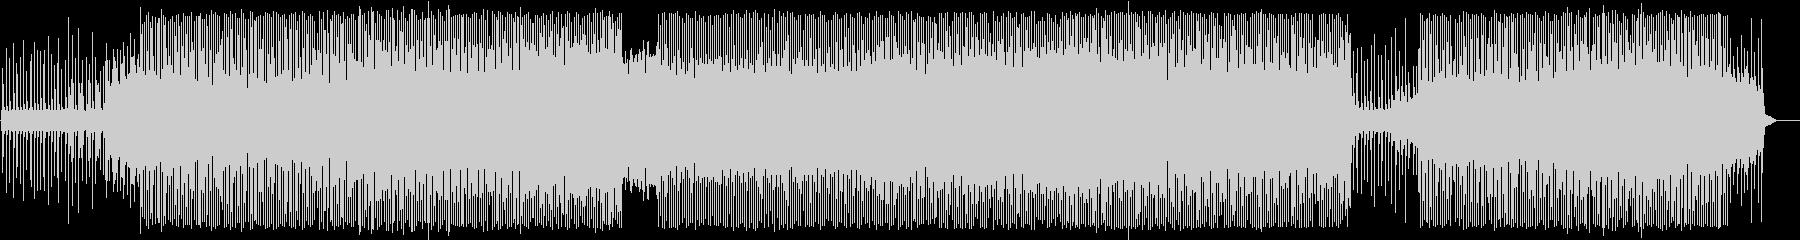 ビヨンビヨンうねるベース、アシッドハウスの未再生の波形